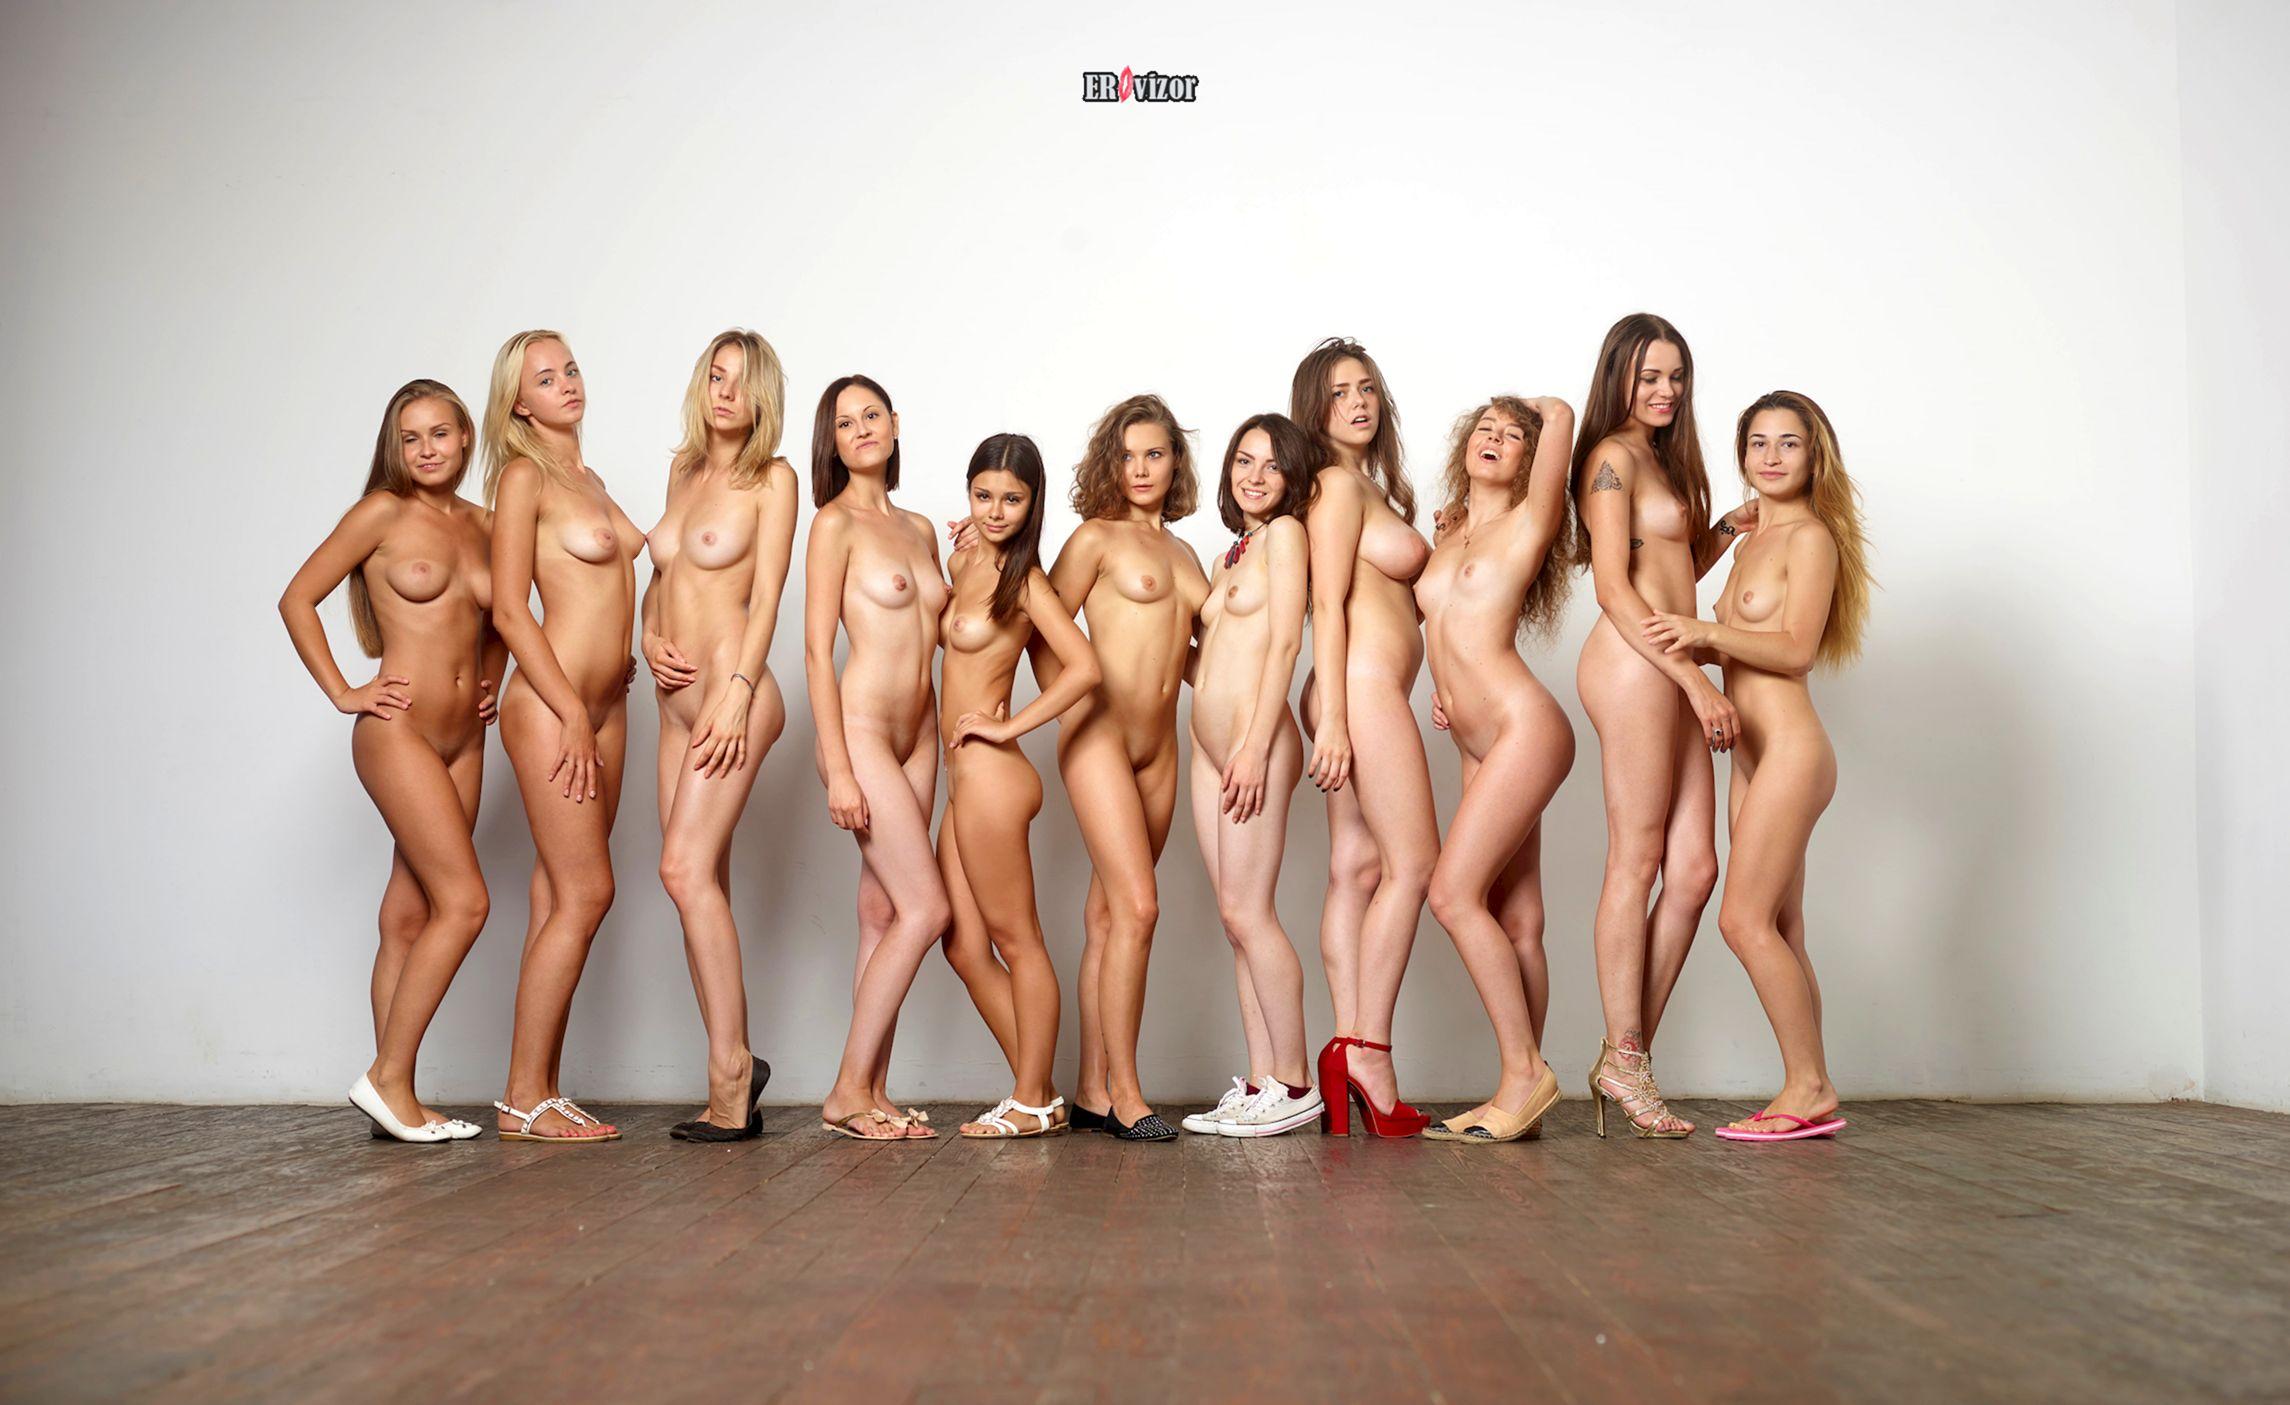 голенькие красотки в группе